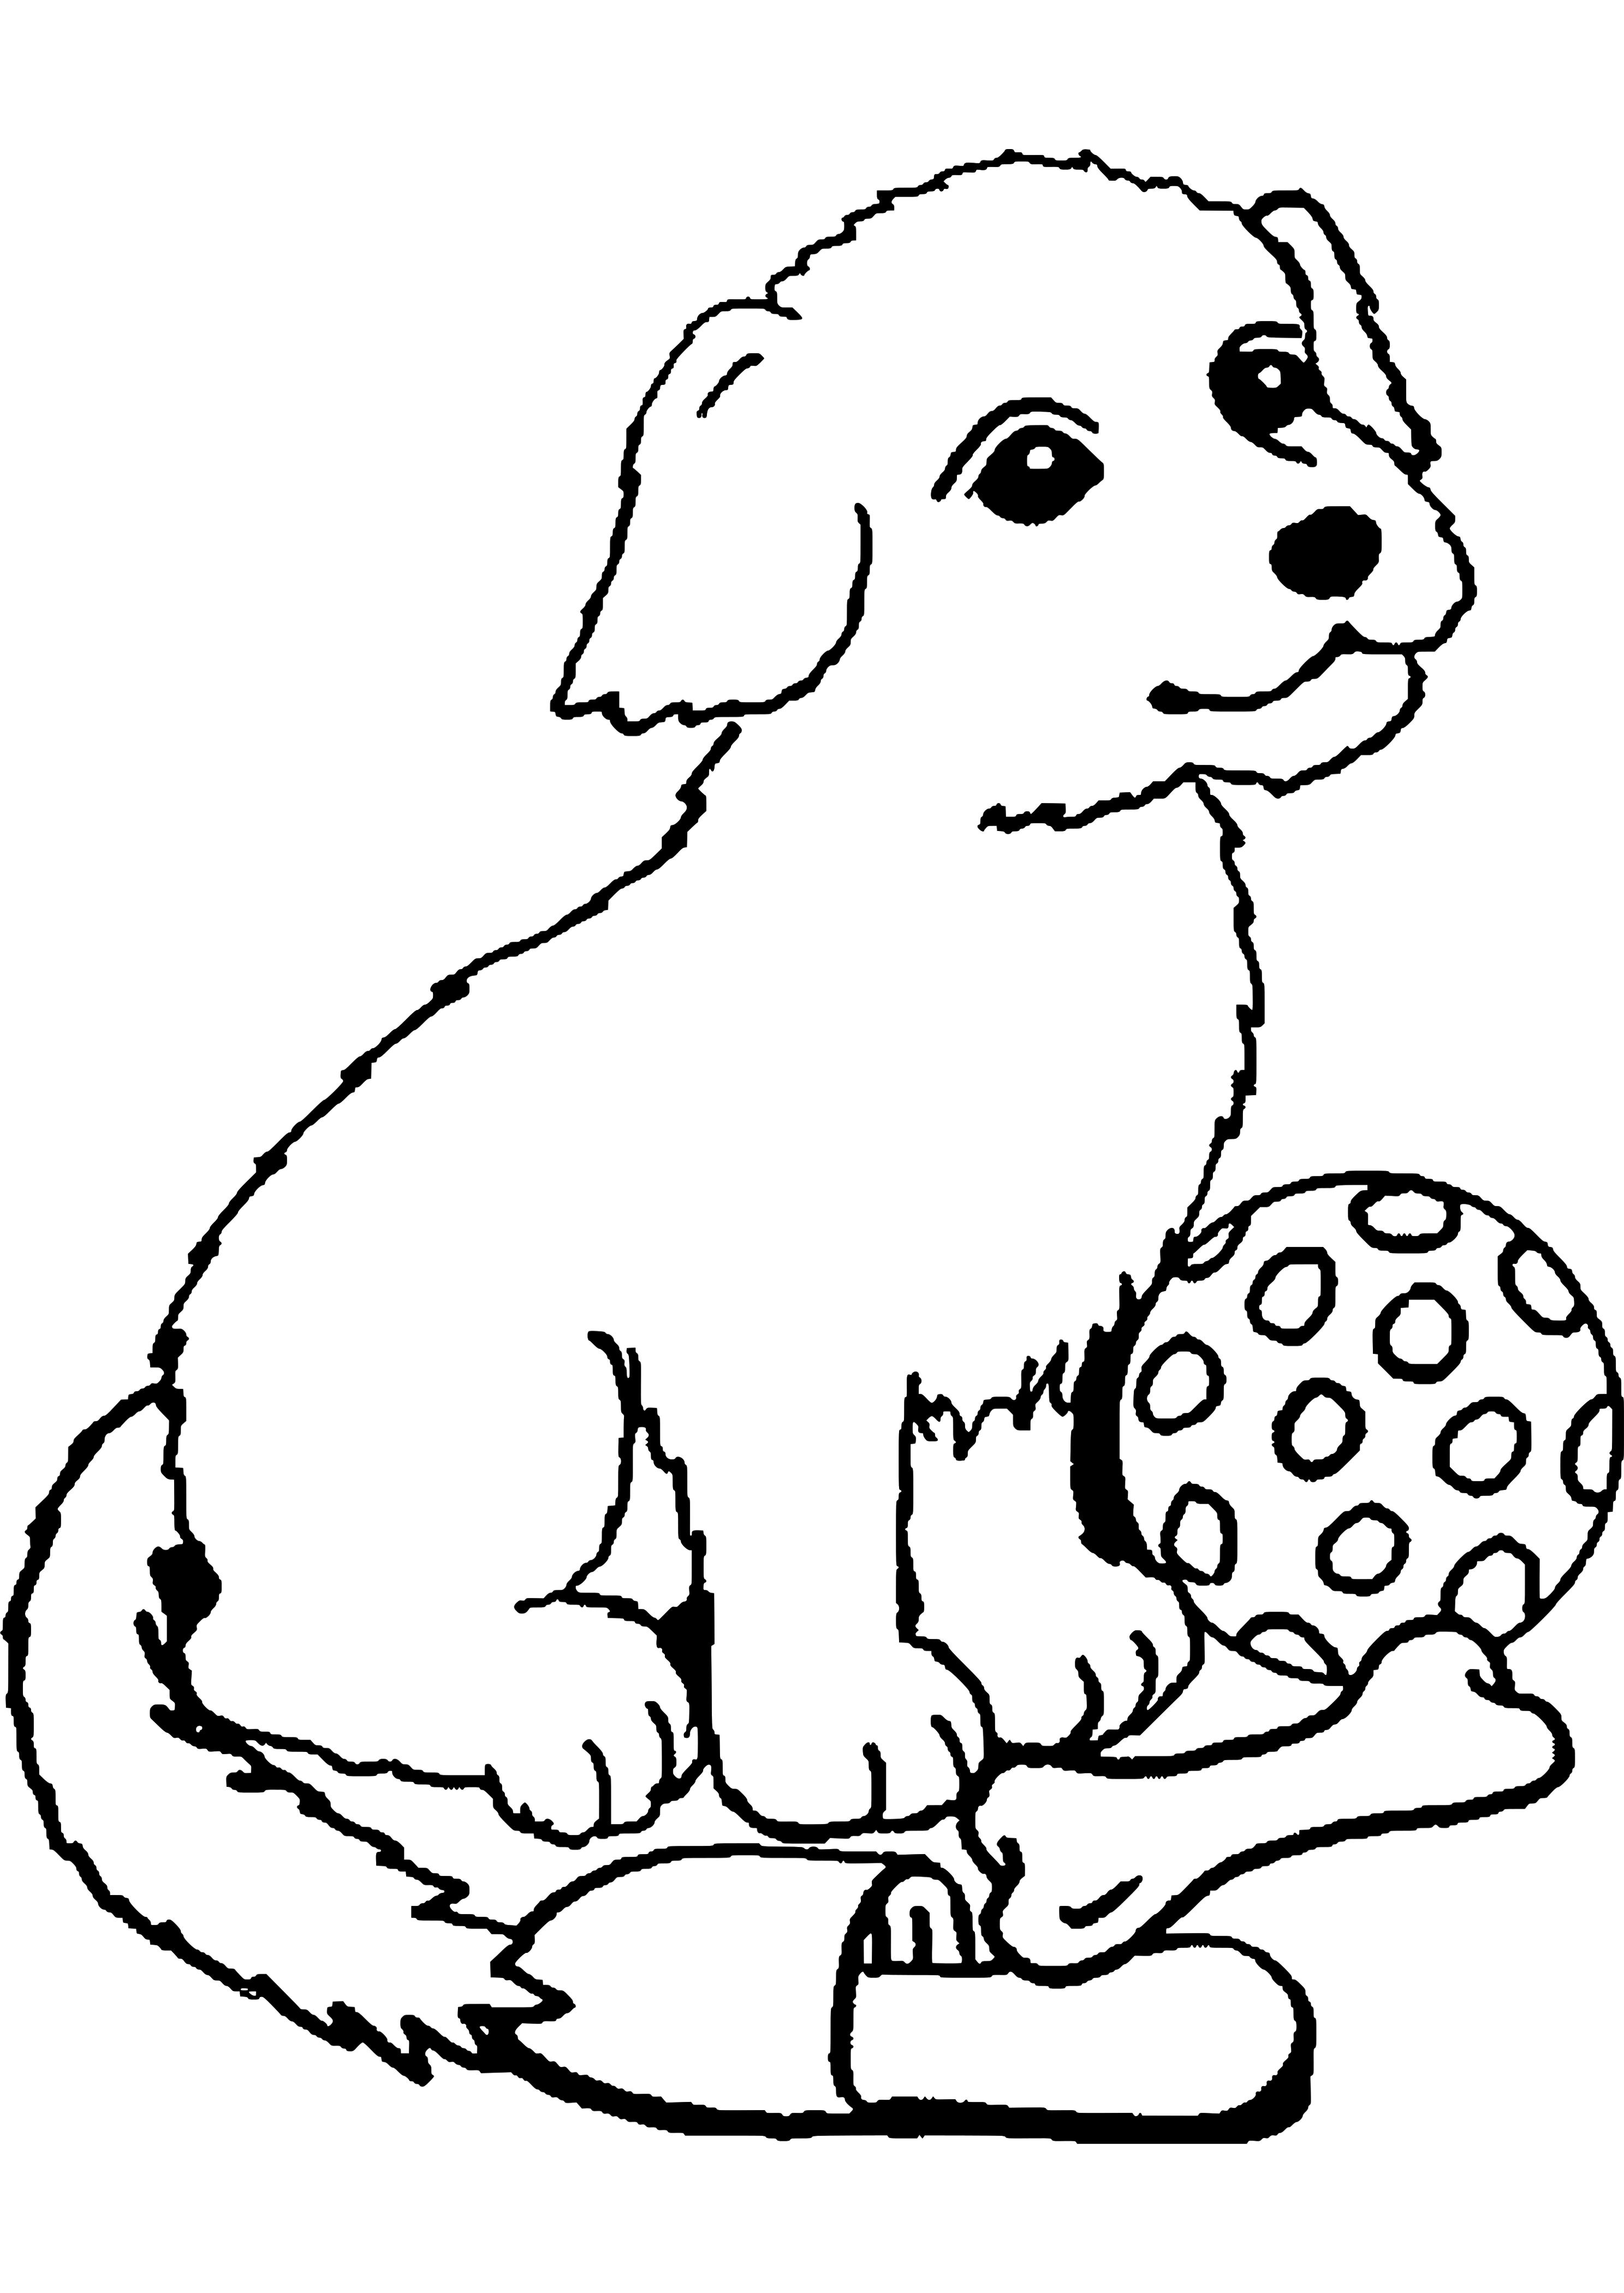 Malvorlagen Kostenlos Online Ausmalen Https Www Ausmalbilder Co Malvorlagen Kostenlos Online Ausmalen Puppy Coloring Pages Coloring Pages Cat Design